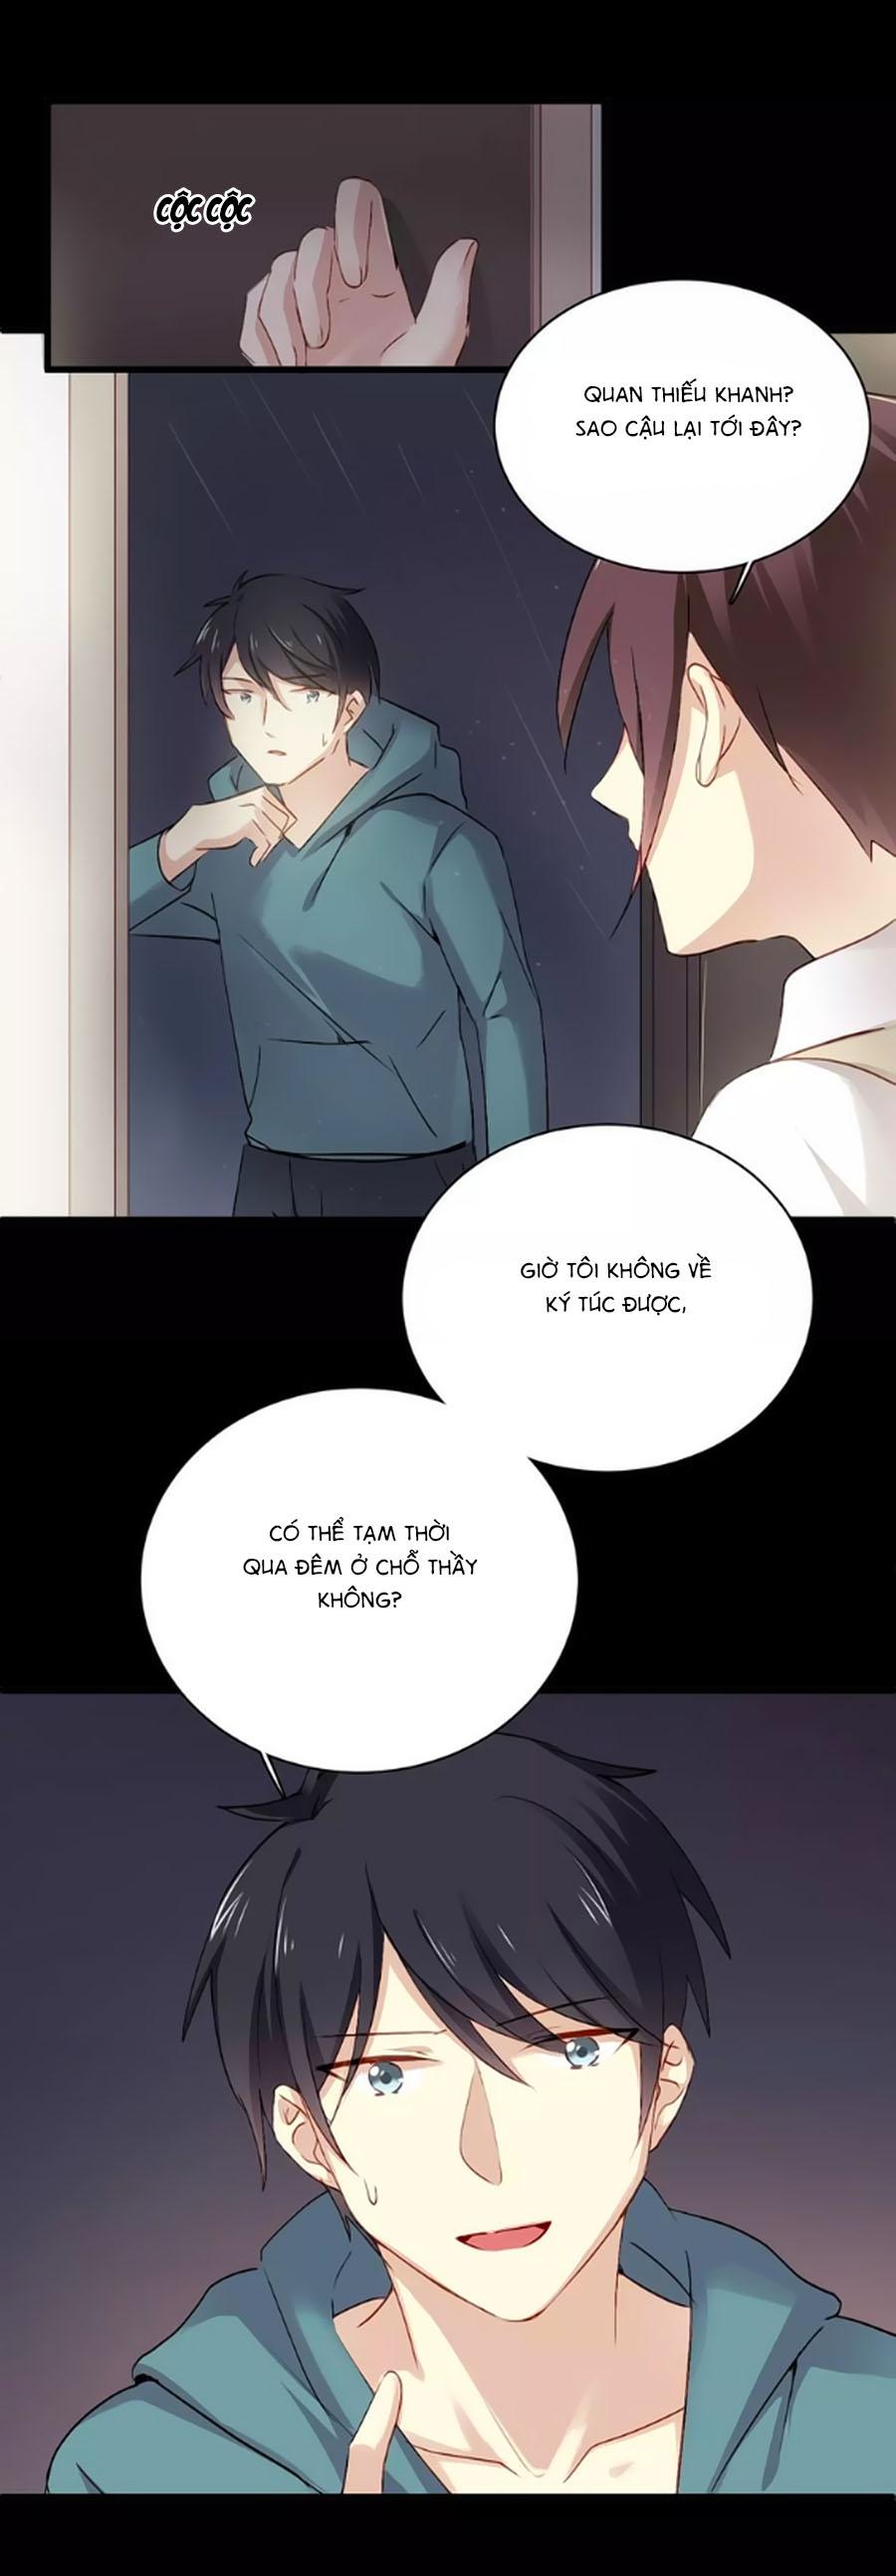 Tình Yêu Là Thế Chapter 65 - Hamtruyen.vn